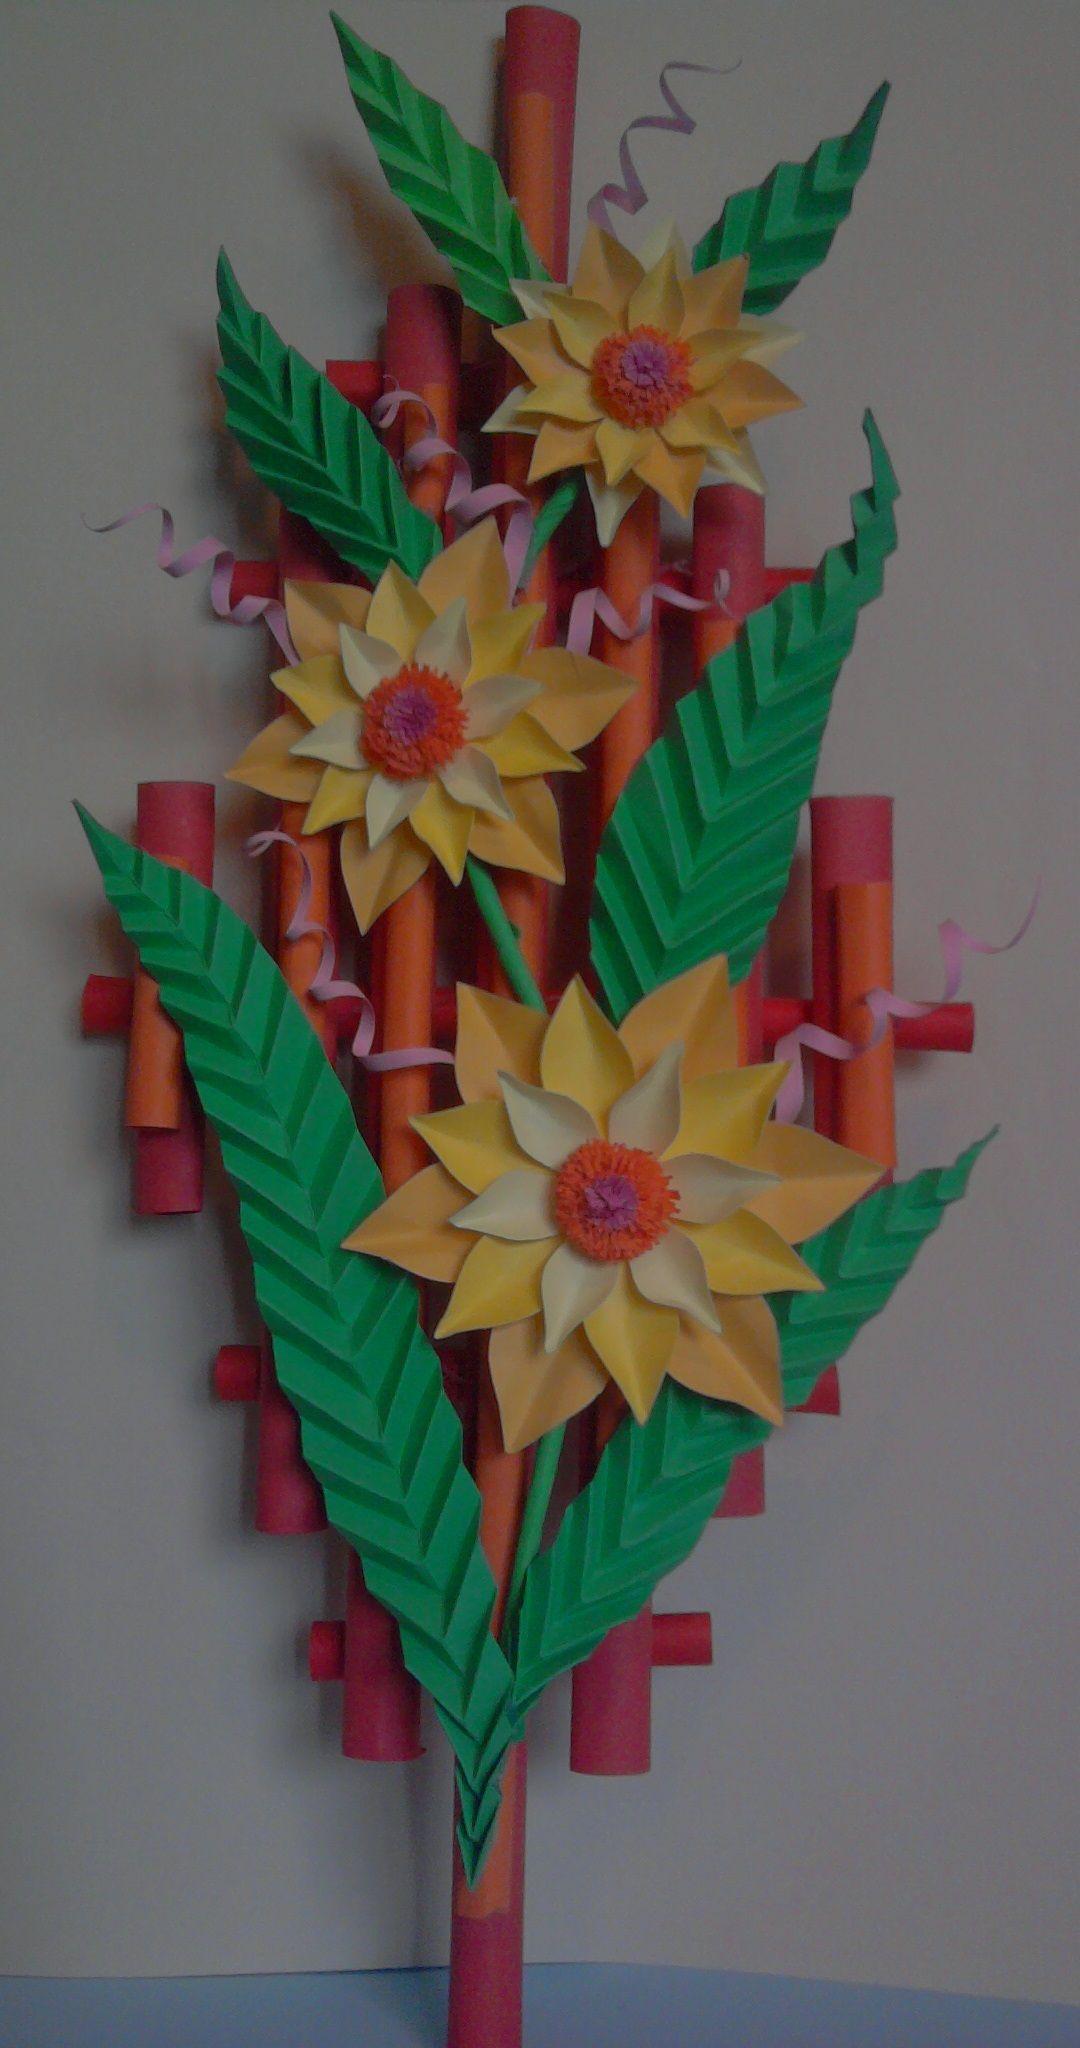 Kwiaty Z Papieru Ikebana Prace Plastyczne Dariusz Zolynski Flowers Paper Paper Flowers Orgiami Ki Origami Patterns Fall Arts And Crafts Paper Flowers